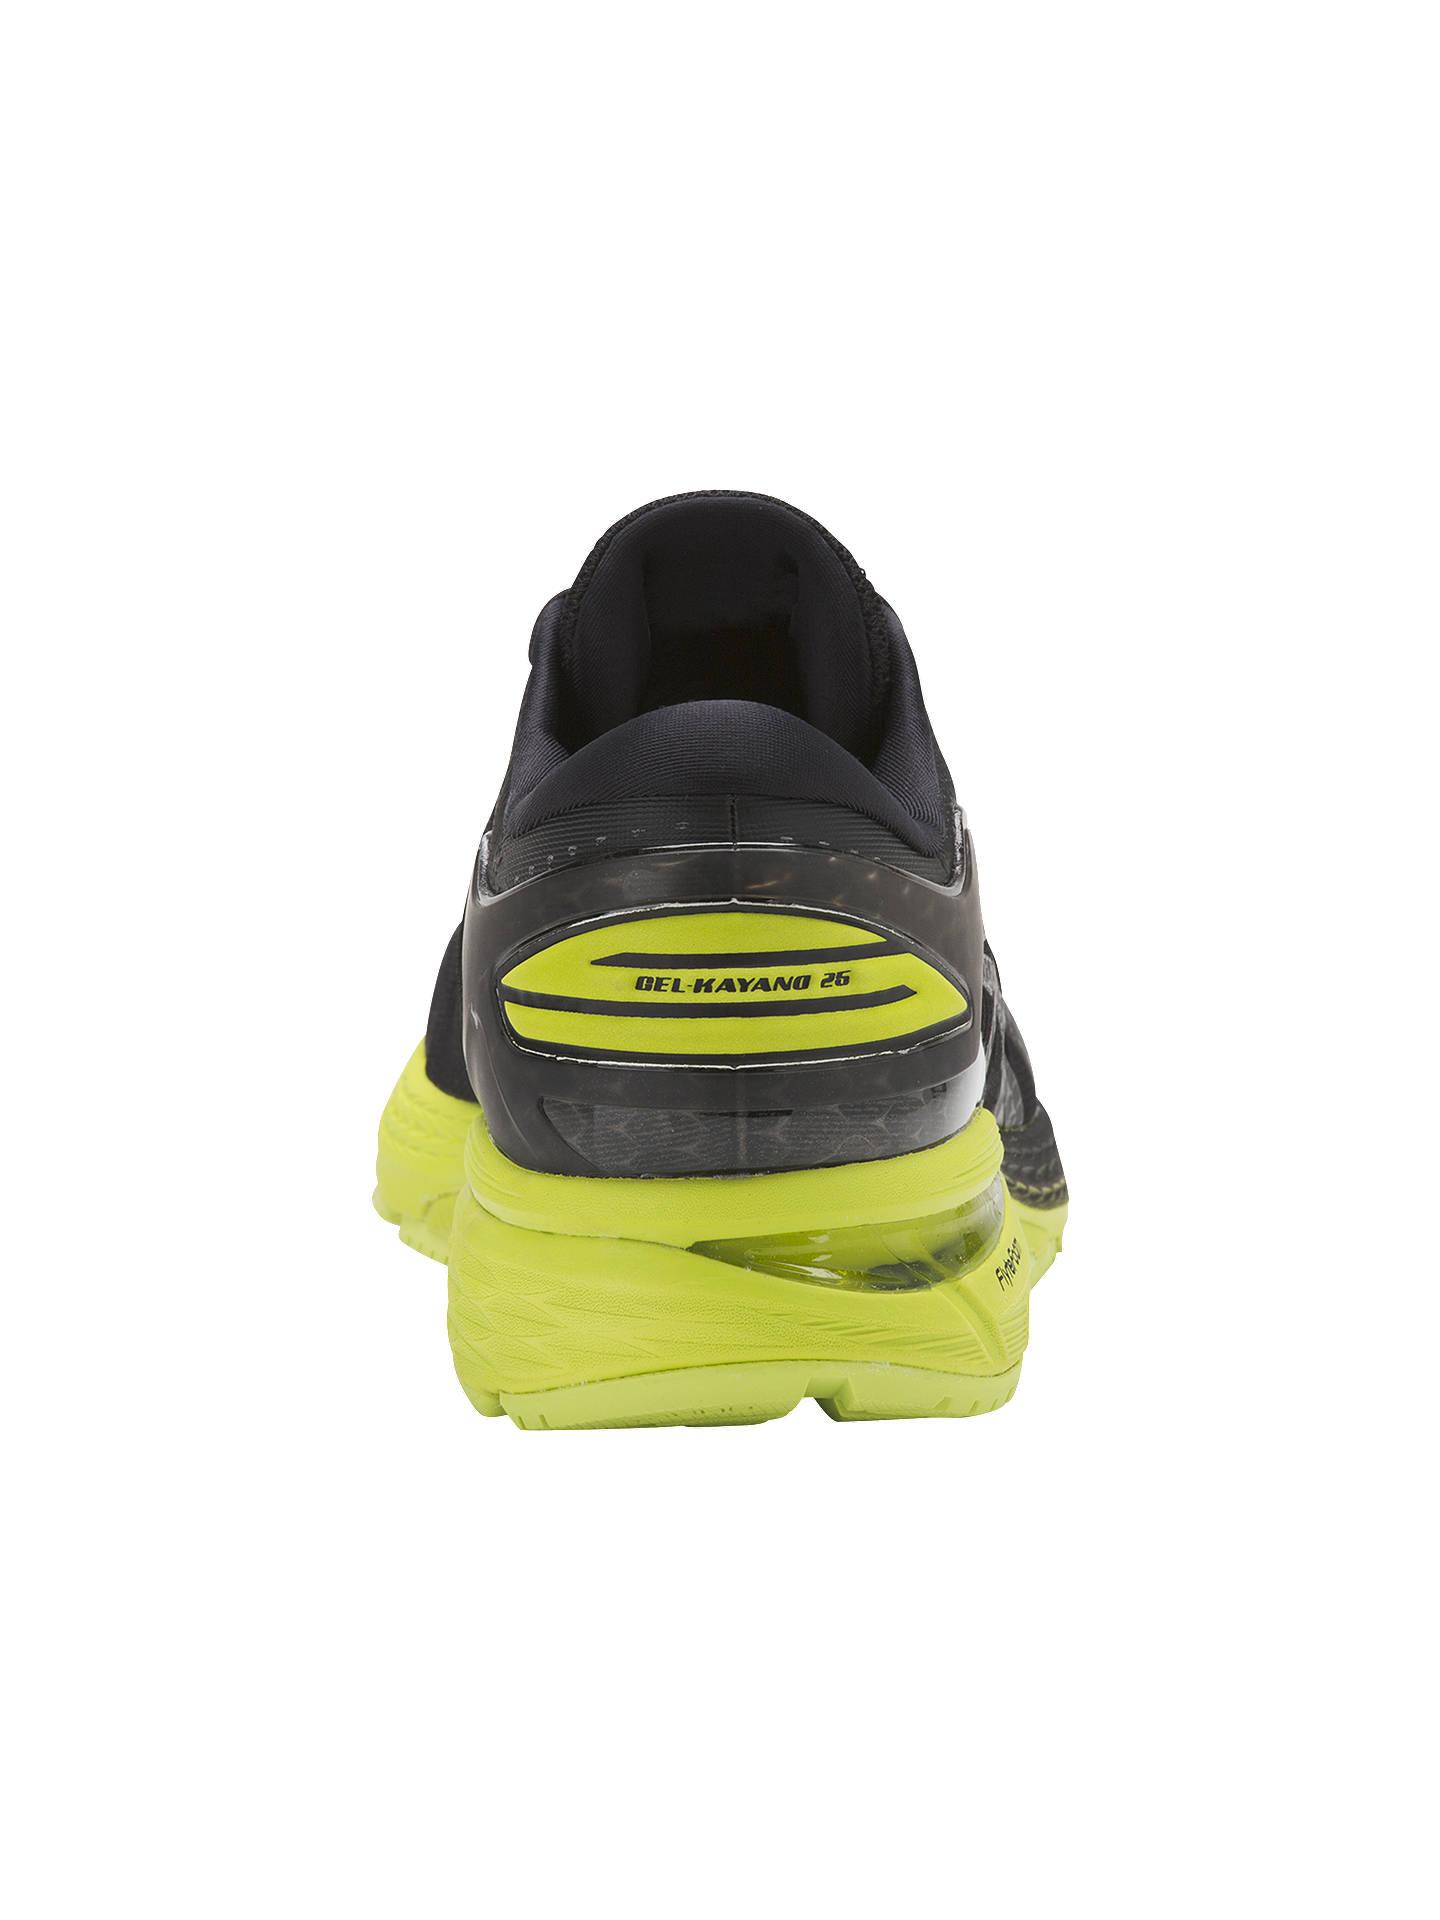 173a77327 ASICS GEL-KAYANO 25 Men s Running Shoes at John Lewis   Partners